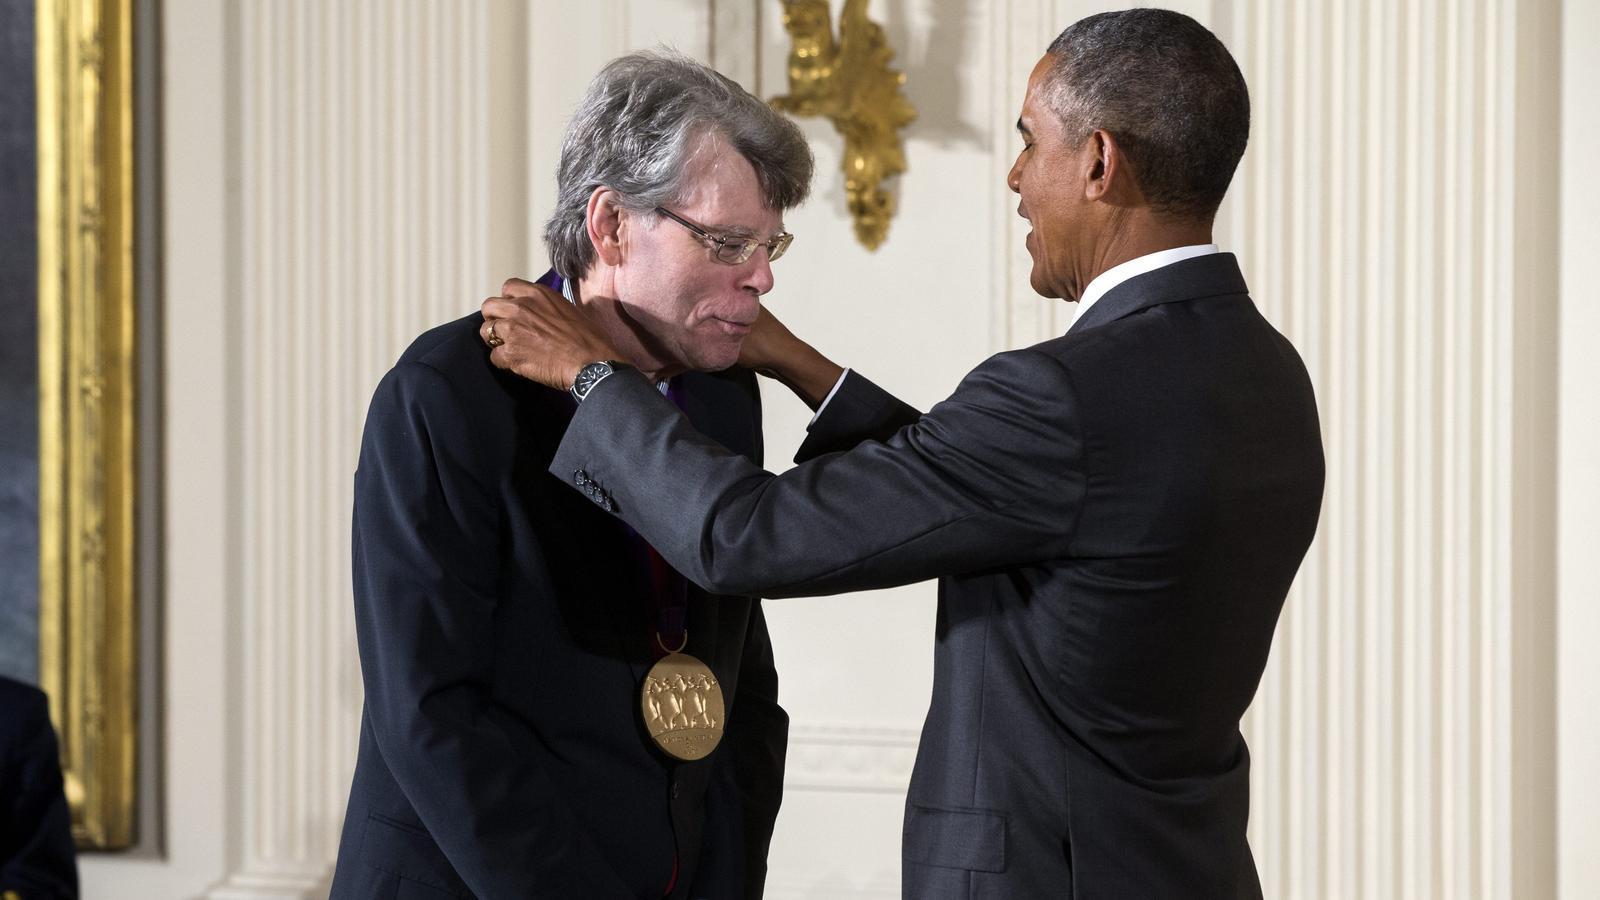 Barack Obama entregant a l'escriptor la Medalla Nacional de les Arts dels Estats Units l'any 2015